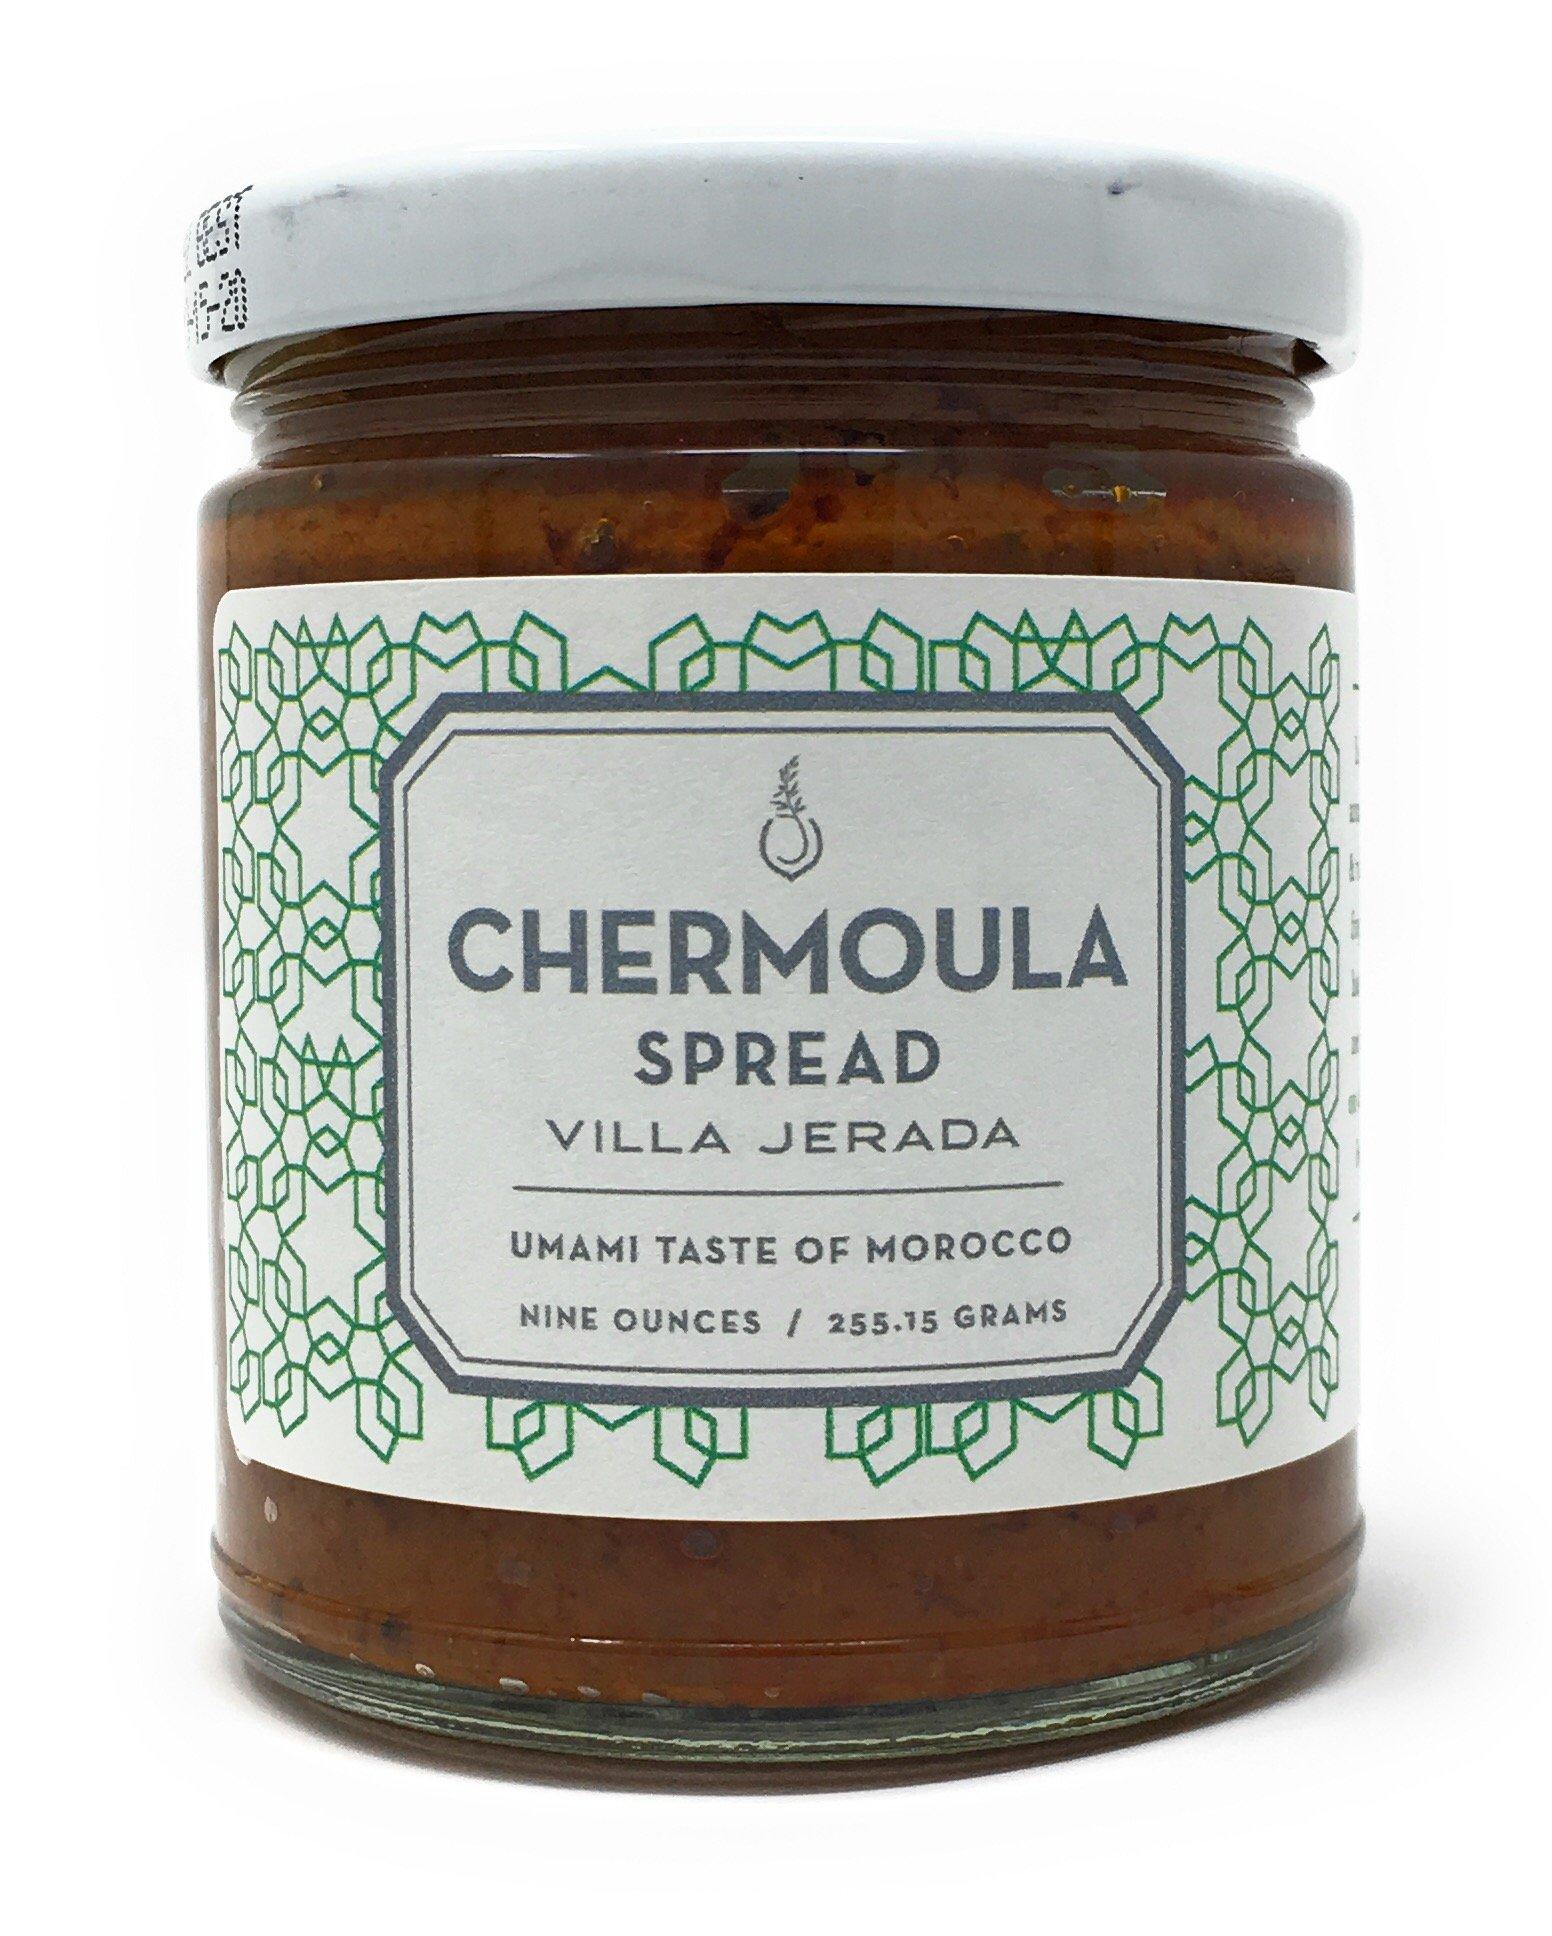 Chermoula Marinade Sauce by Villa Jerada (9 ounces/255 grams)